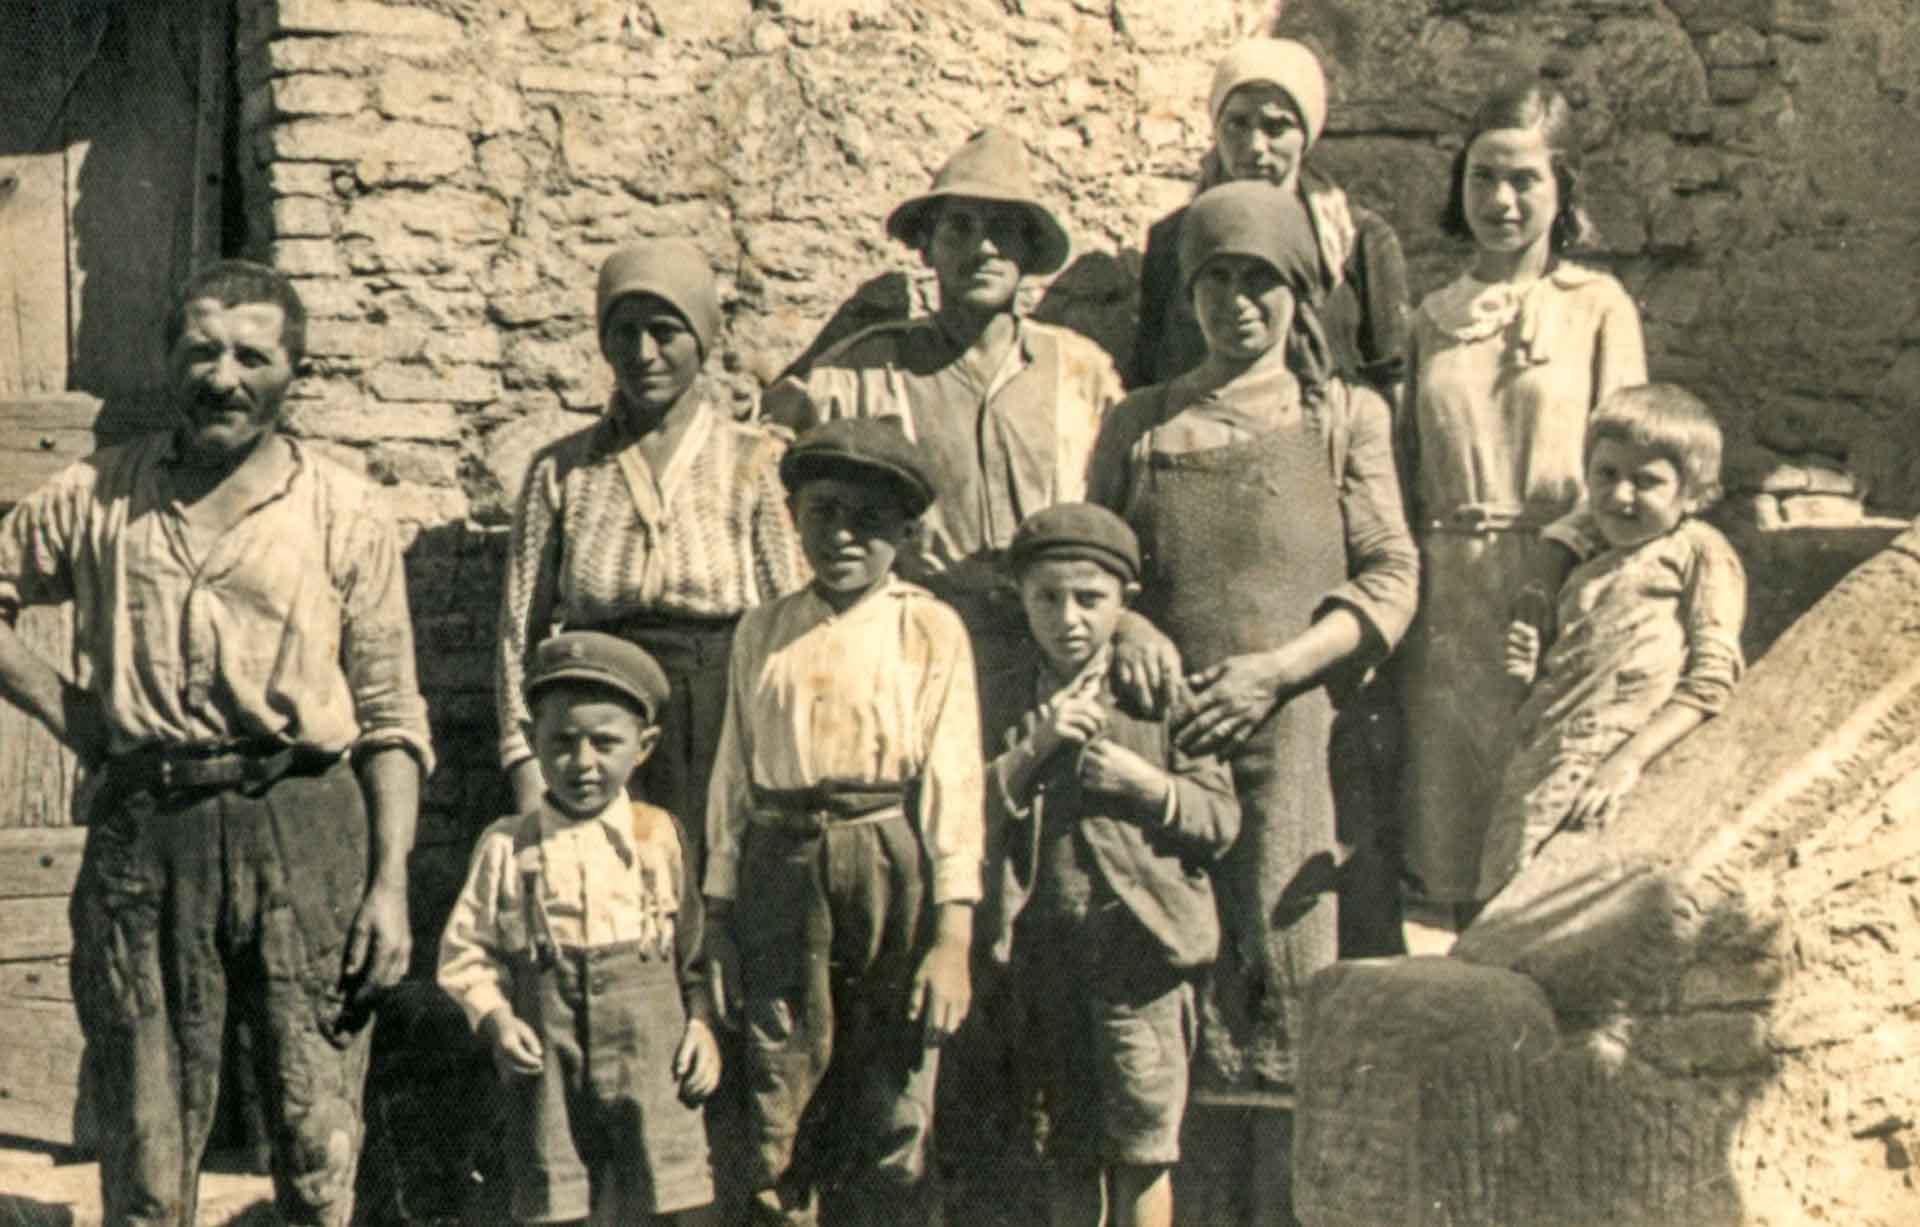 Podere Cignano, circa 1936